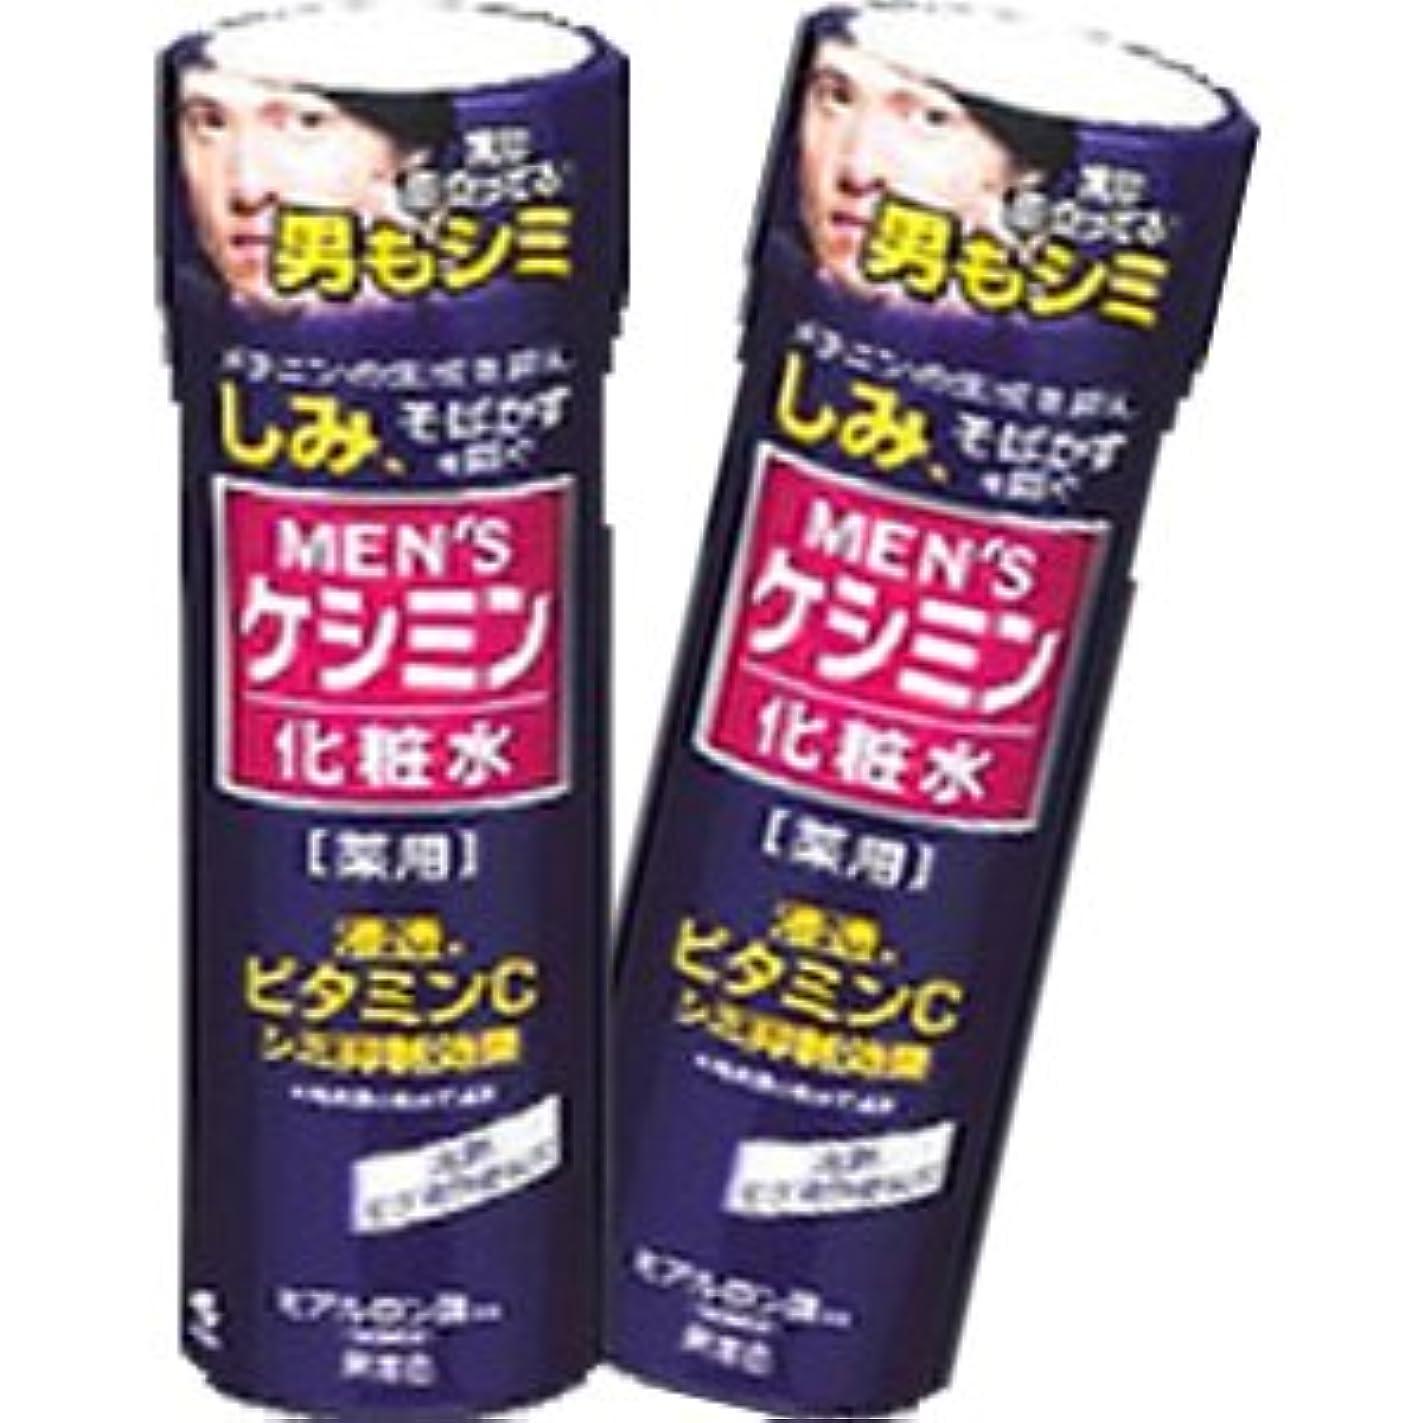 ワゴンビザ施設【2個】 メンズケシミン化粧水 160mlx2個 (4987072034330)